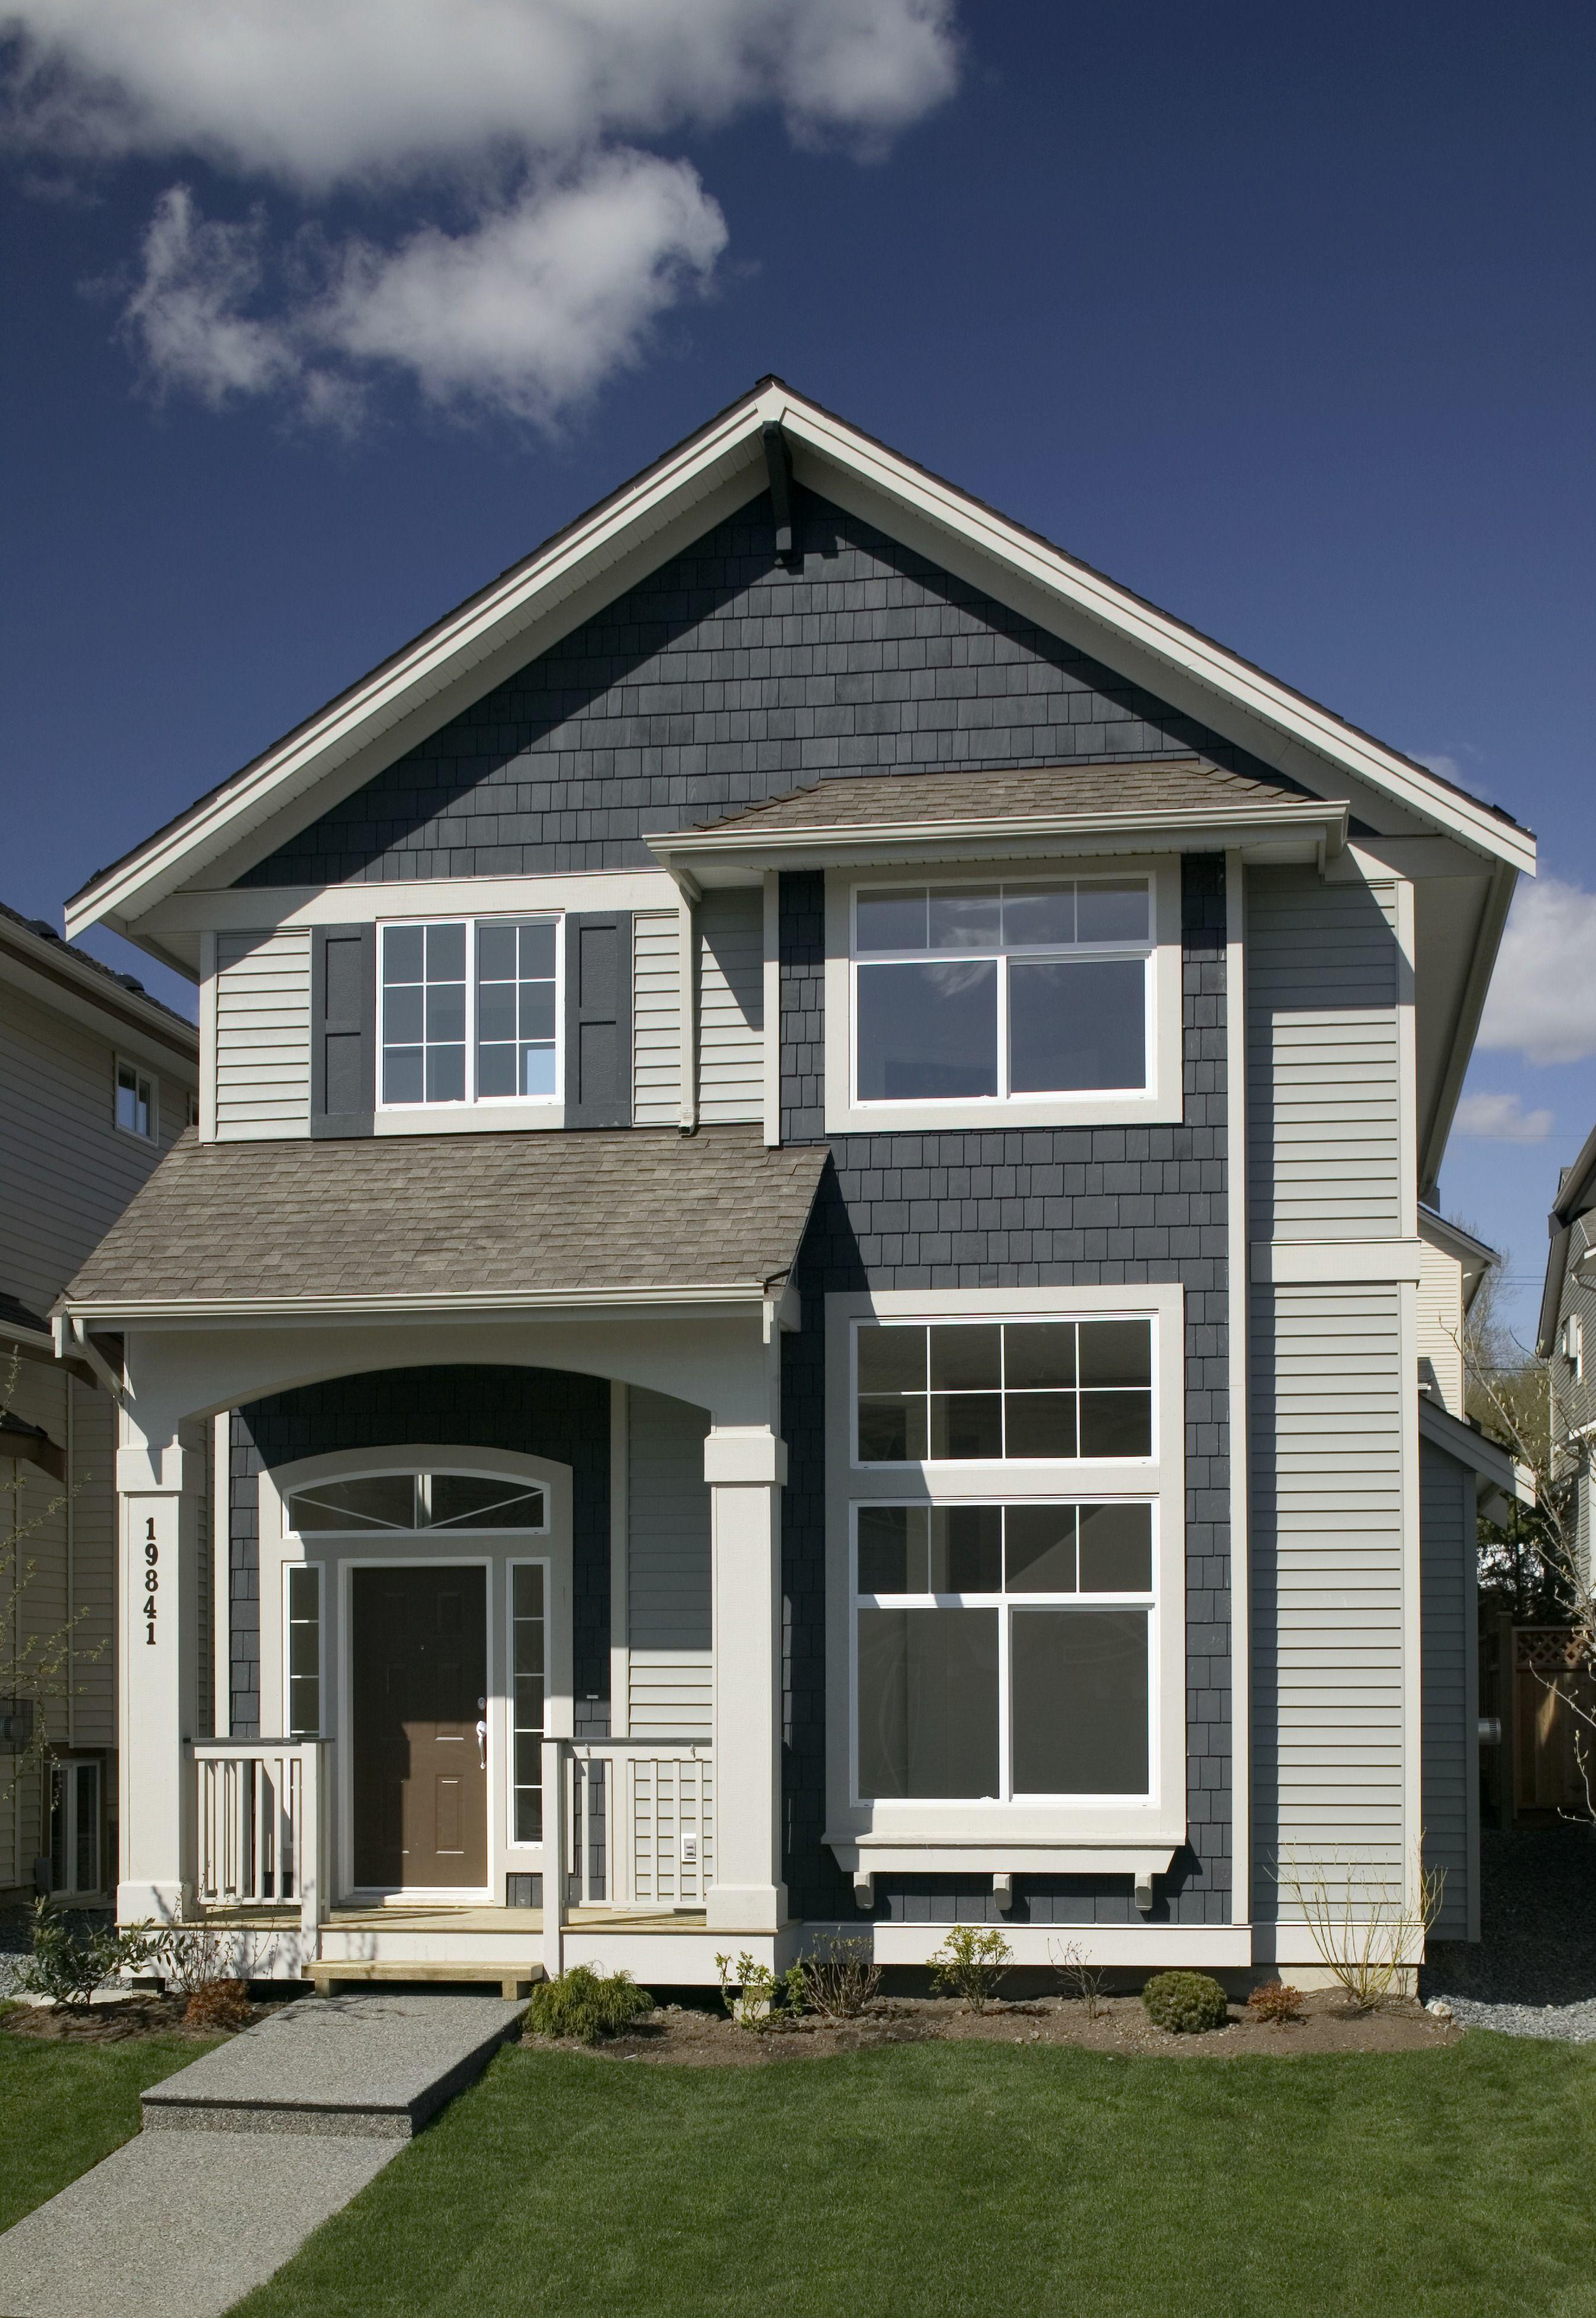 Custom Home Design Exterior Finishing And Design Ideas House Designs Exterior House Siding Options House Exterior